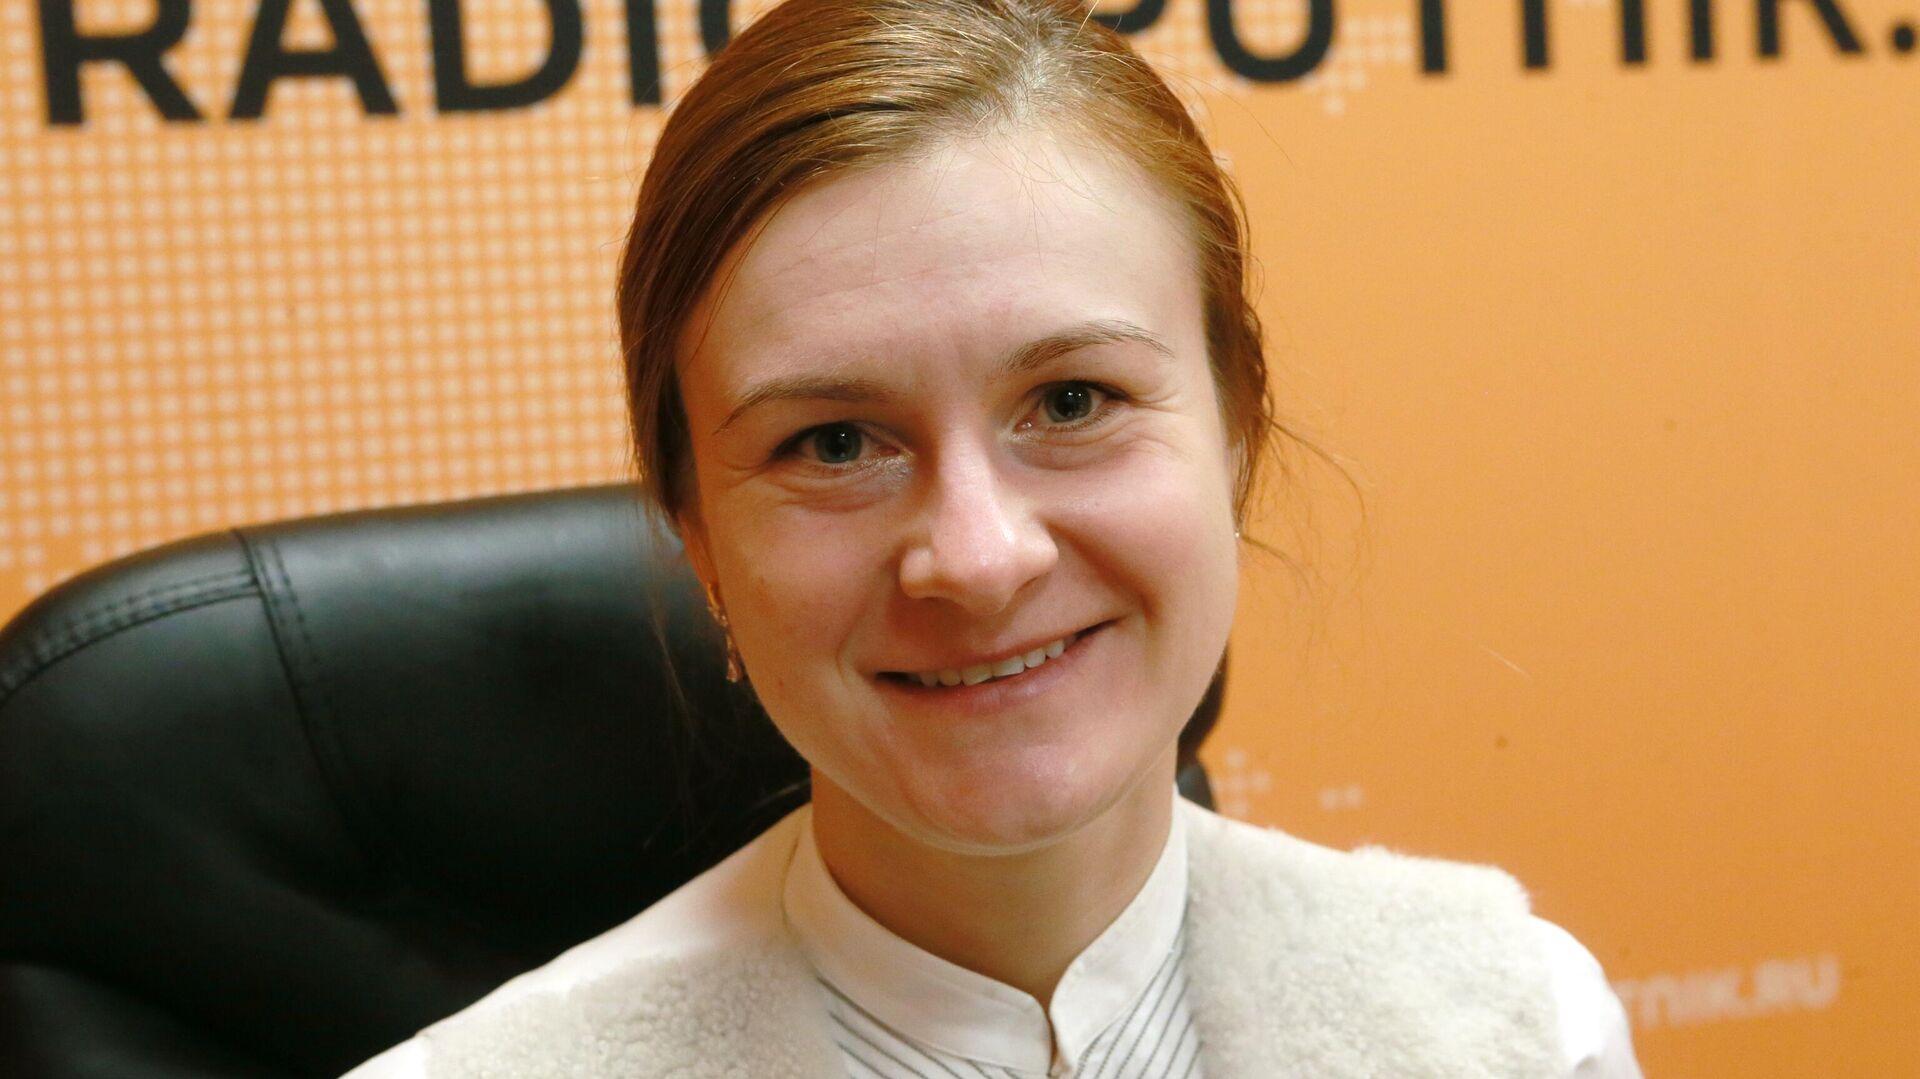 Мария Бутина в студии радио Sputnik - РИА Новости, 1920, 30.10.2020